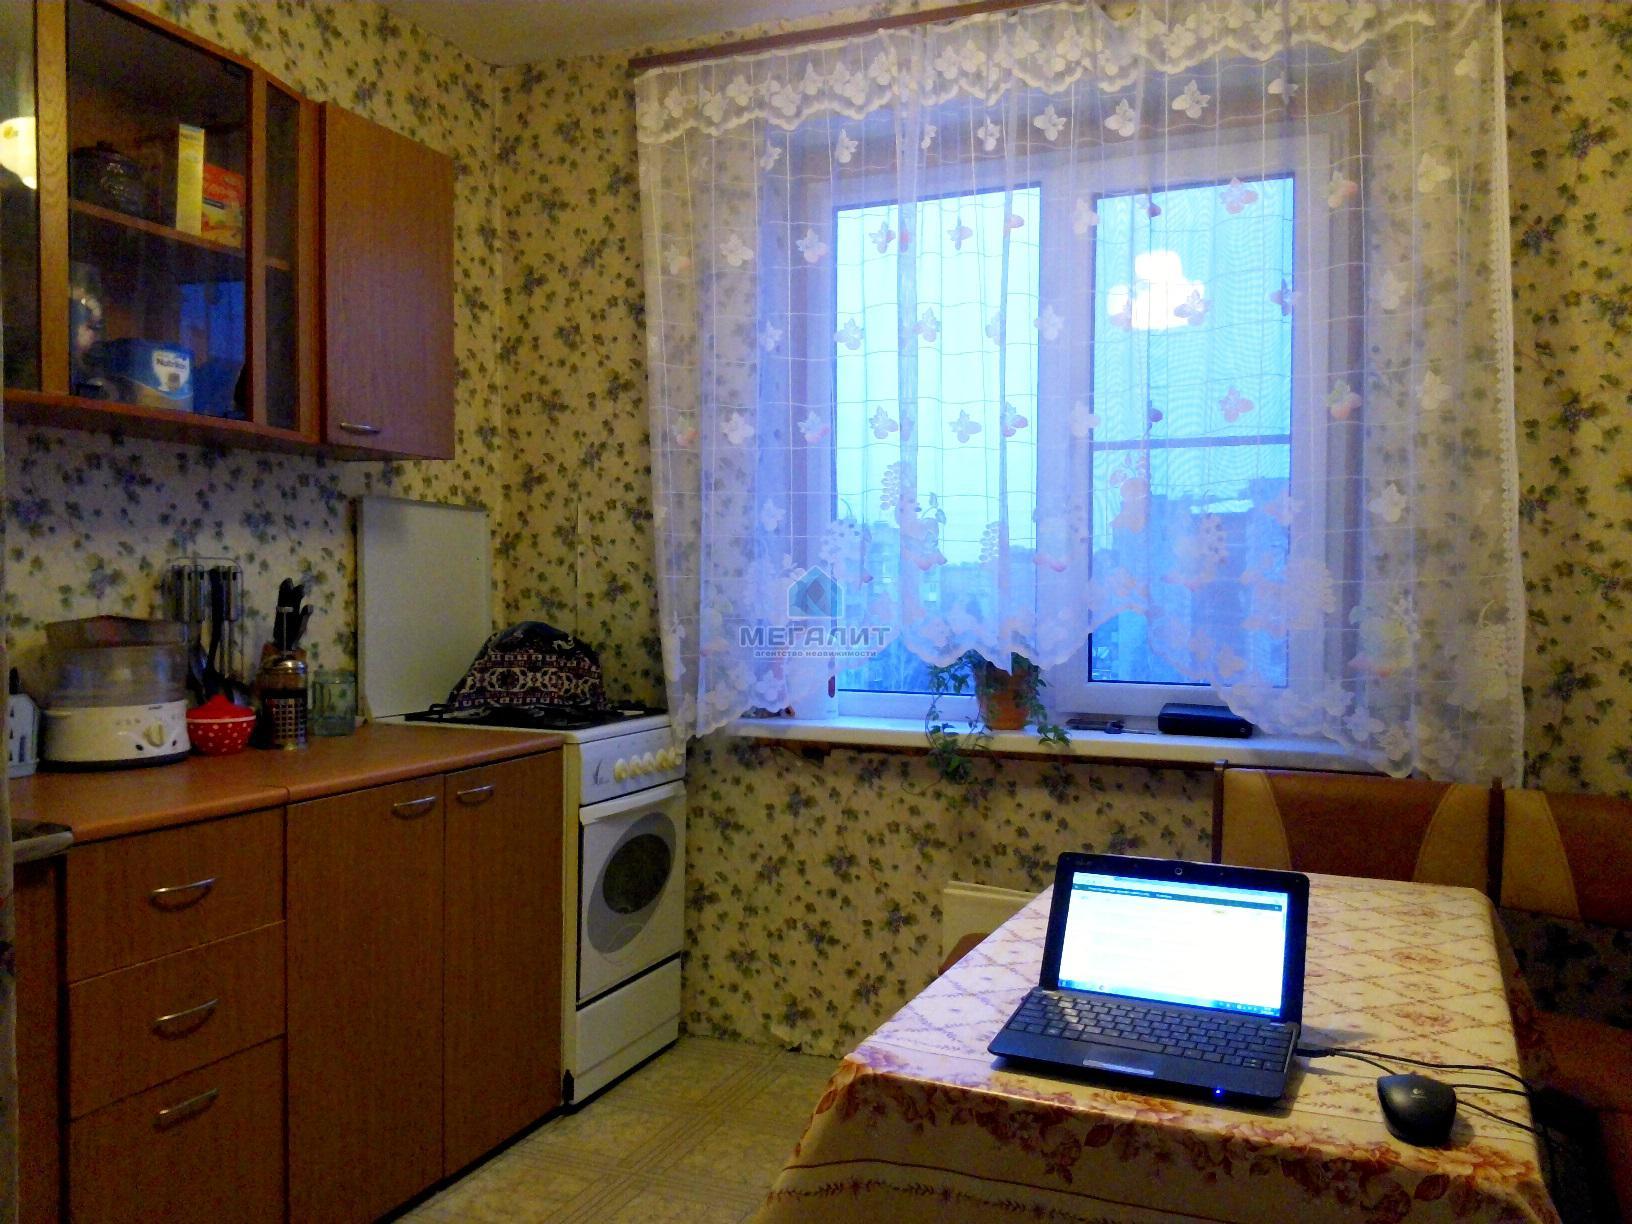 Продажа 2-к квартиры Айдарова 18, 50 м²  (миниатюра №1)